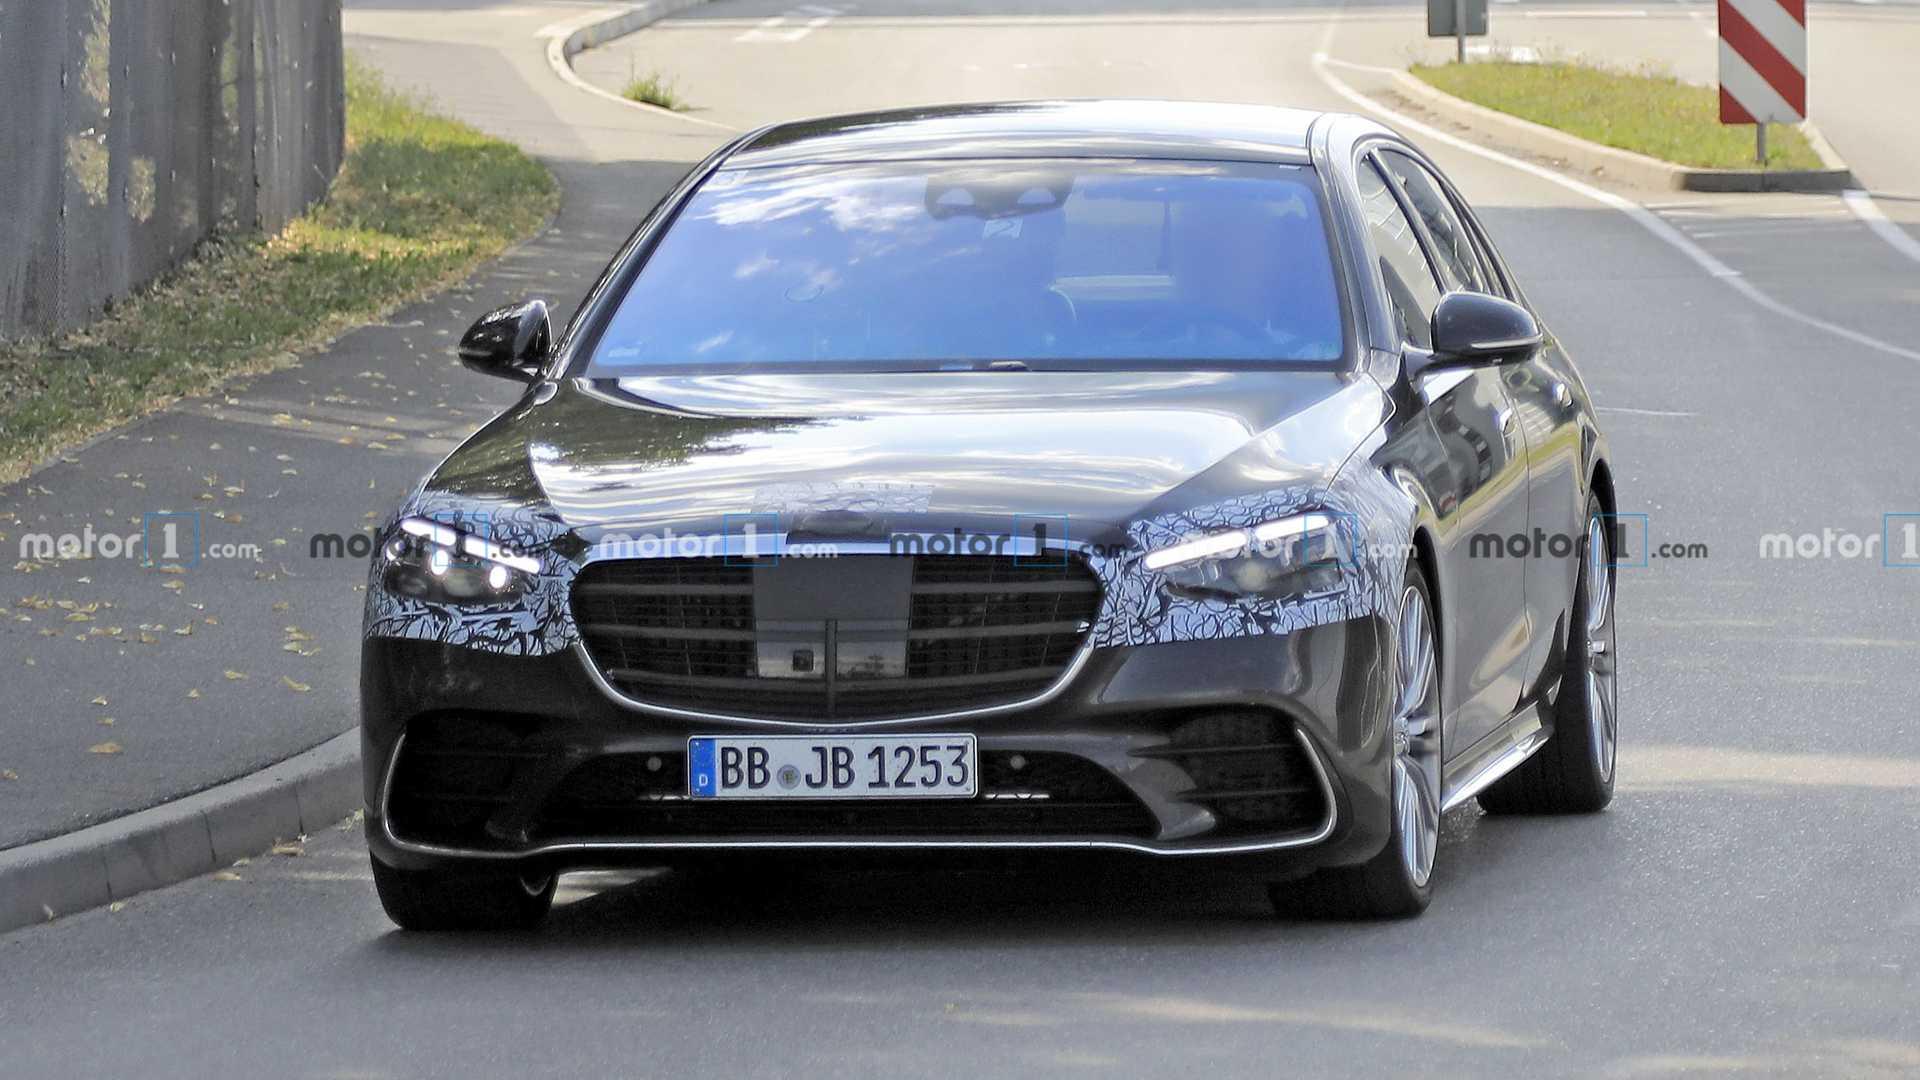 新的Mercedes-AMG S63成为插电式混合动力,约有800 HP吗?